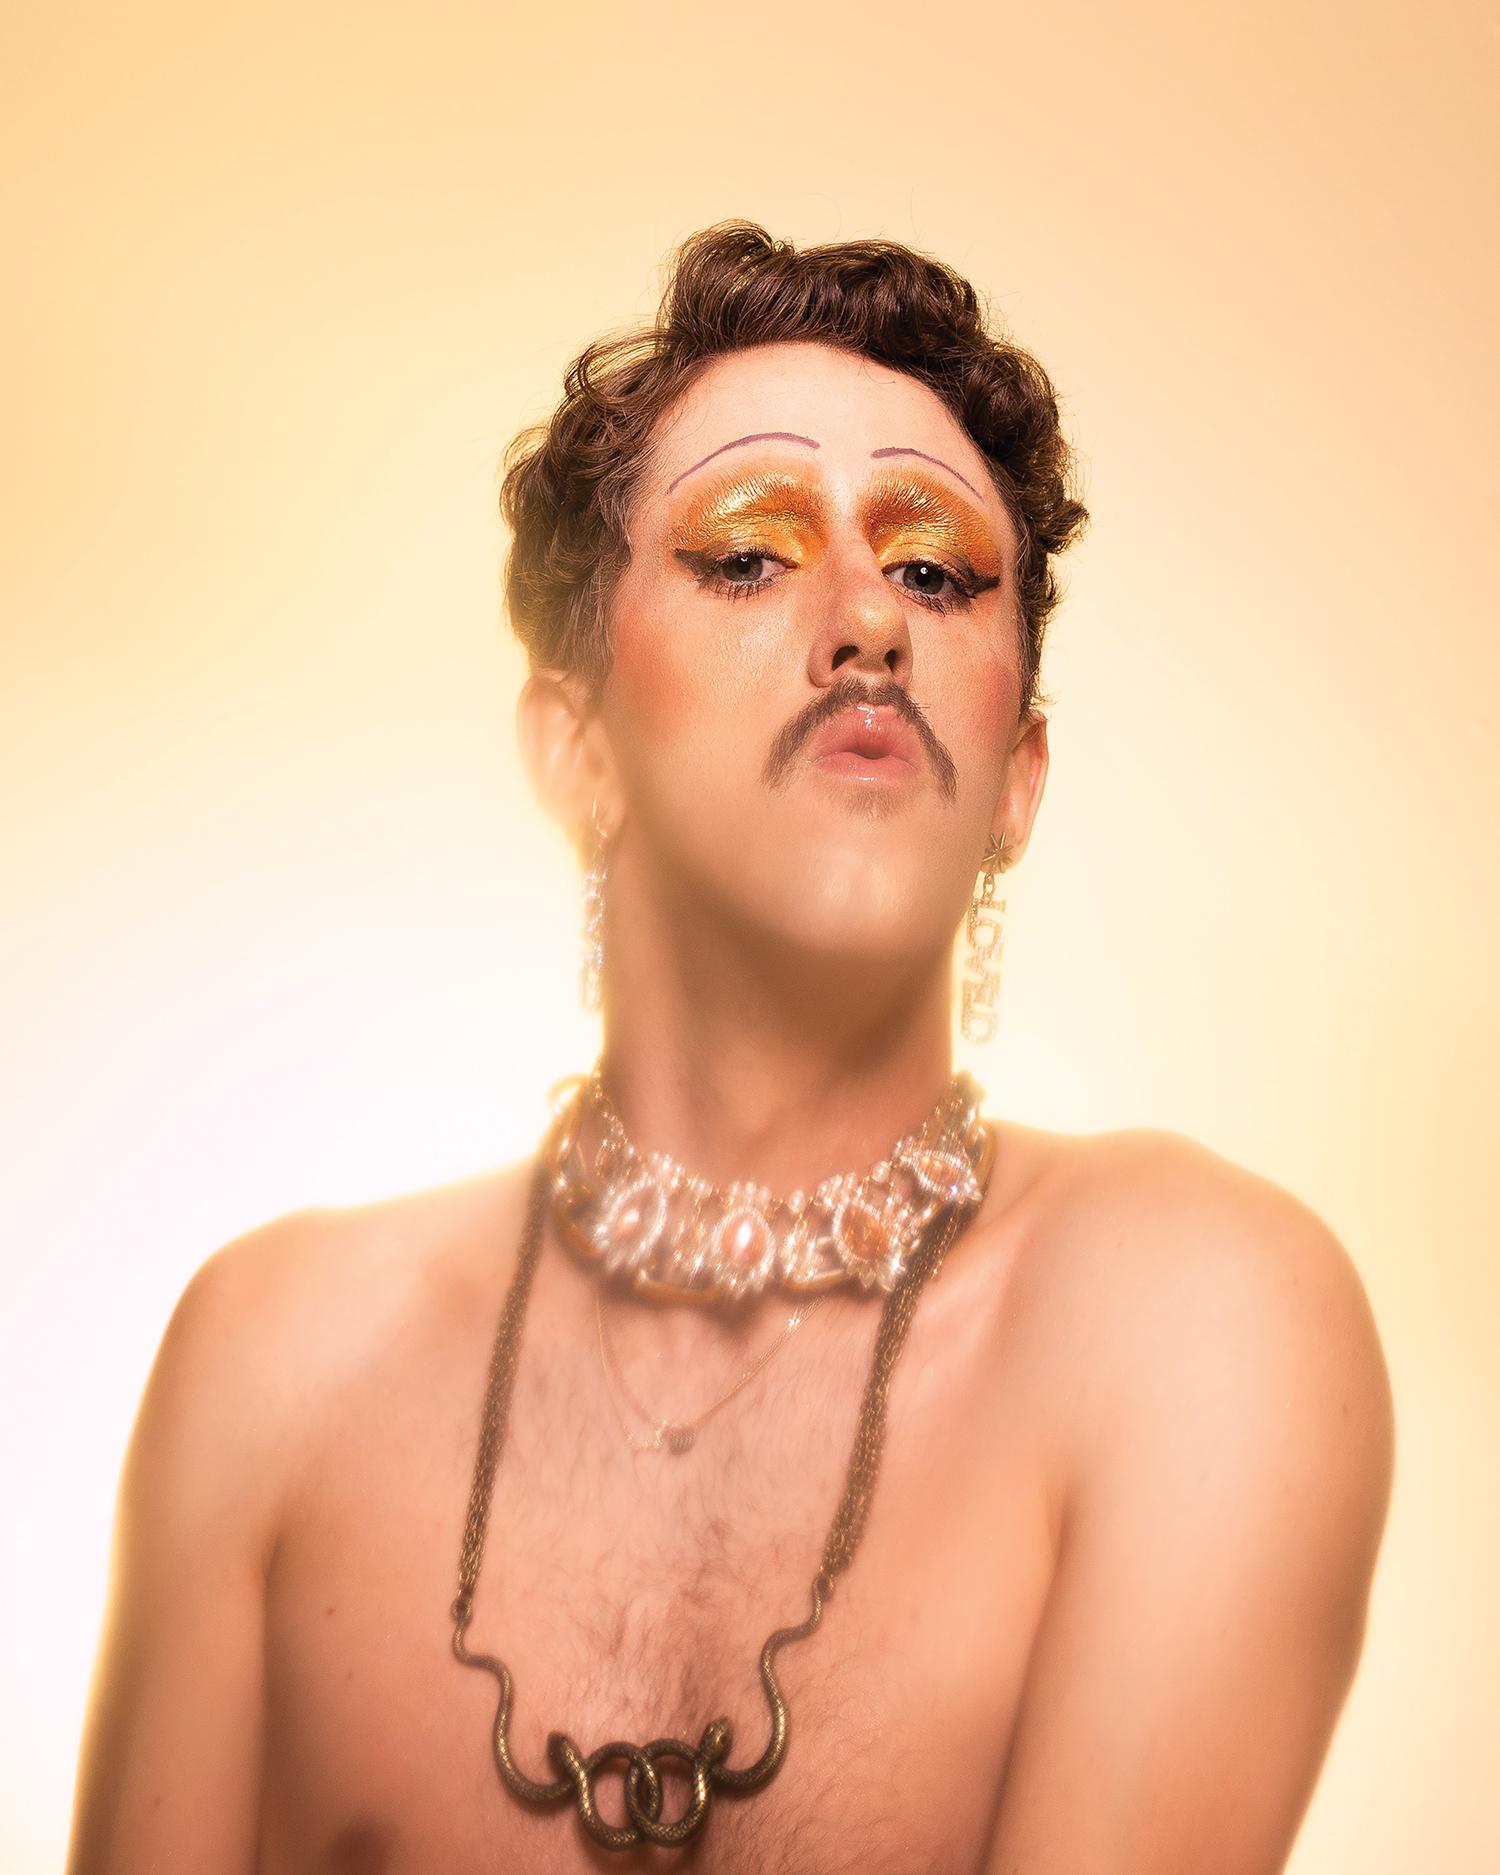 MackenzieLiam_Drag_SparklyGoldEyeshadow_moustache_jewellery